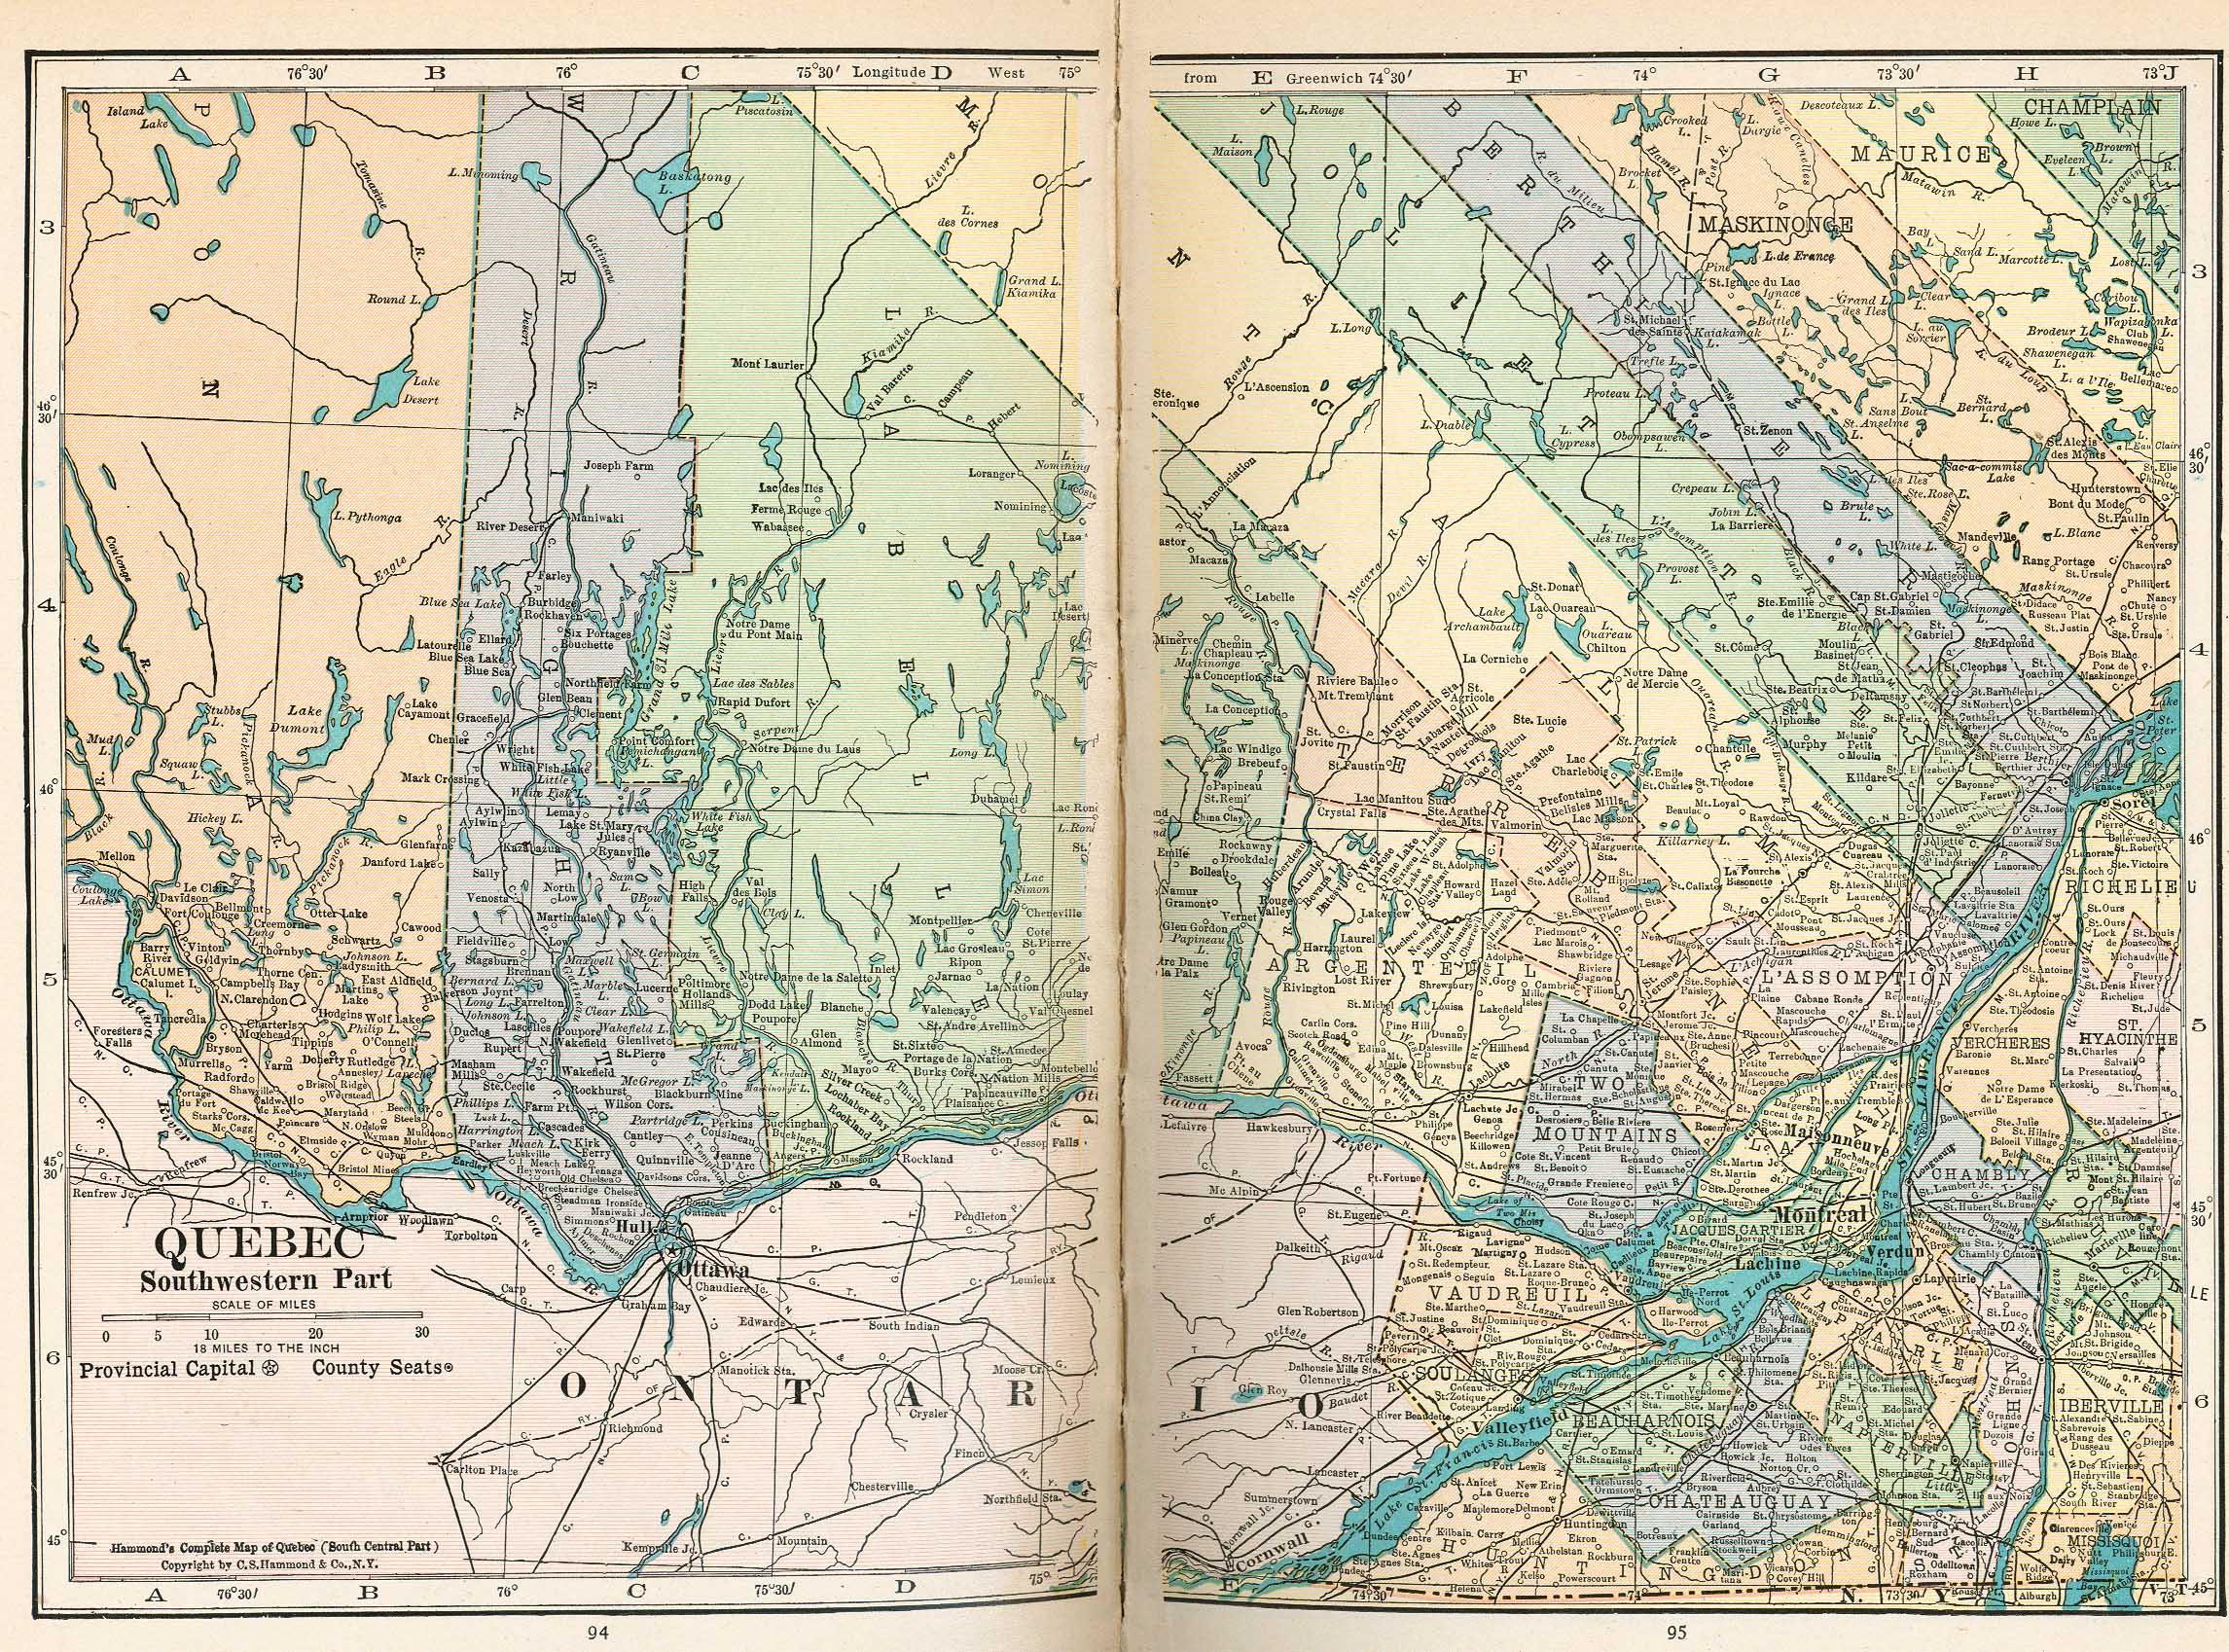 Mapa del Suroccidente de Quebec, Canadá 1921